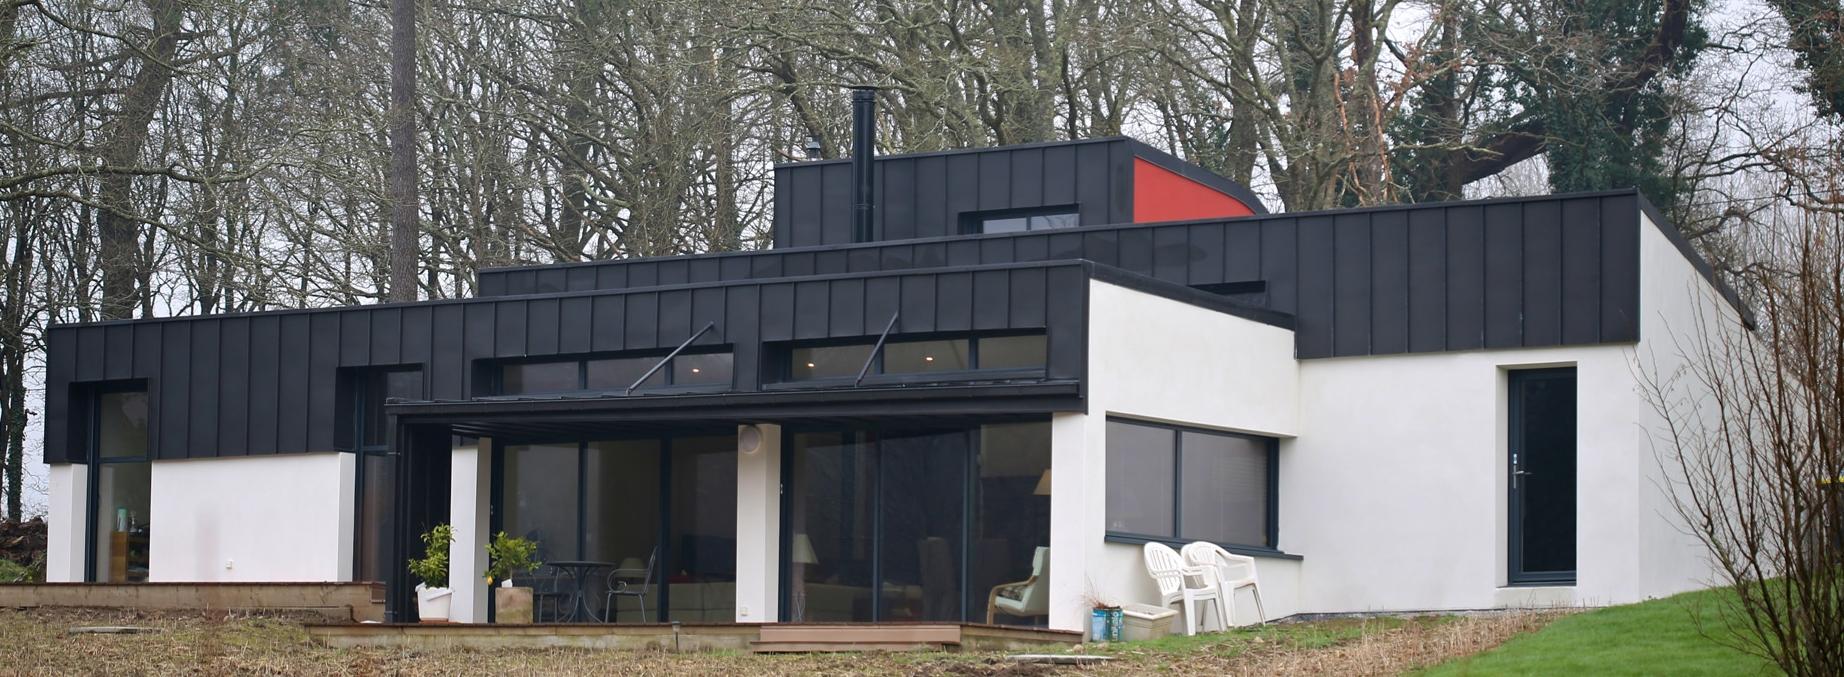 couverture zinguerie drugeon couverture morbihan vannes 56couverture zinguerie drugeon. Black Bedroom Furniture Sets. Home Design Ideas